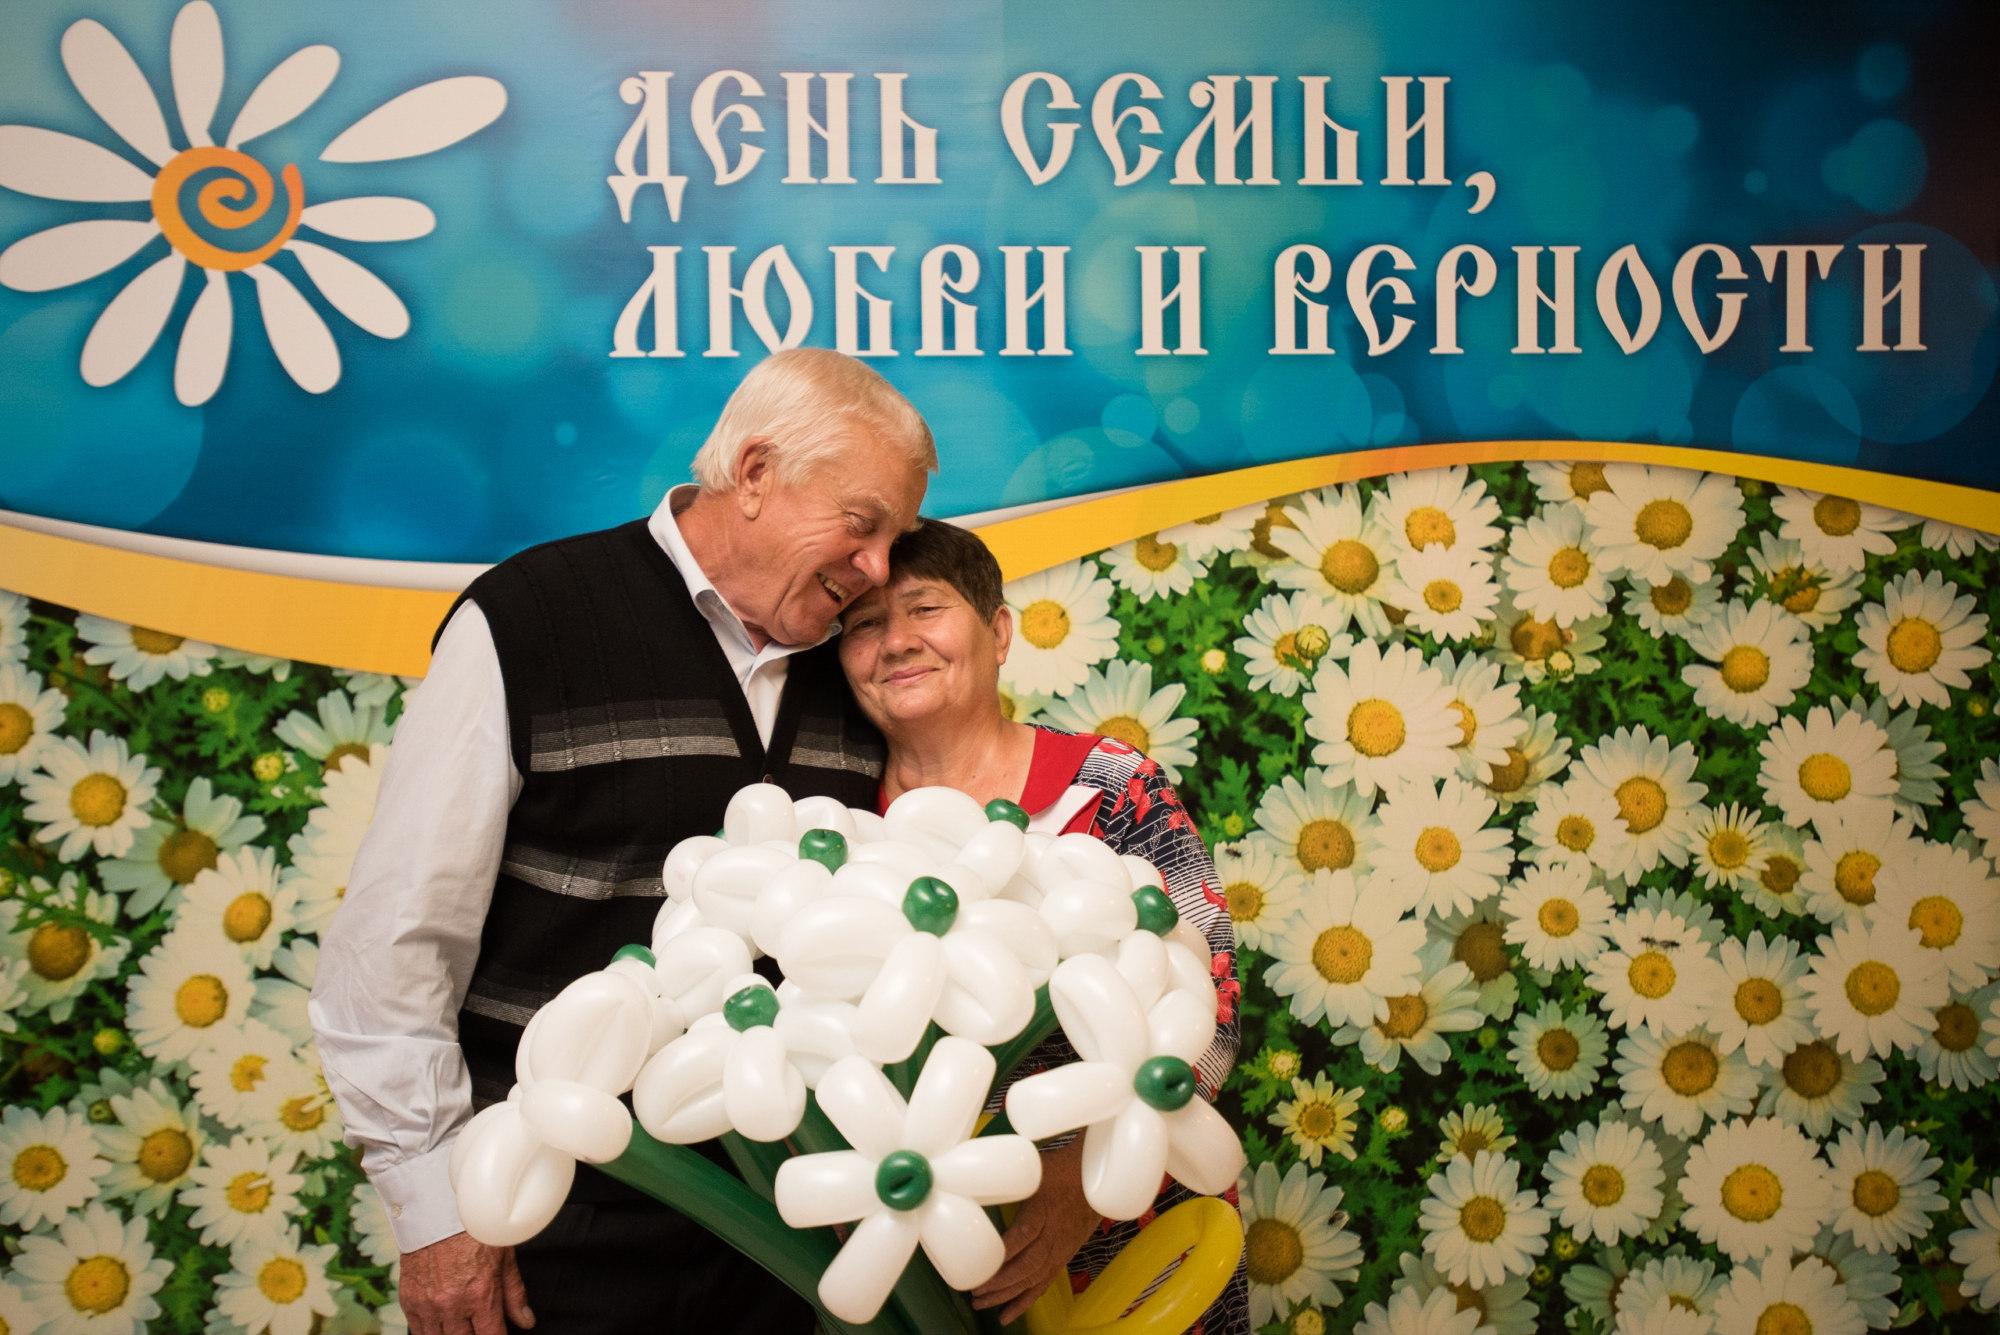 открытки цветы к дню семьи клетку может быть